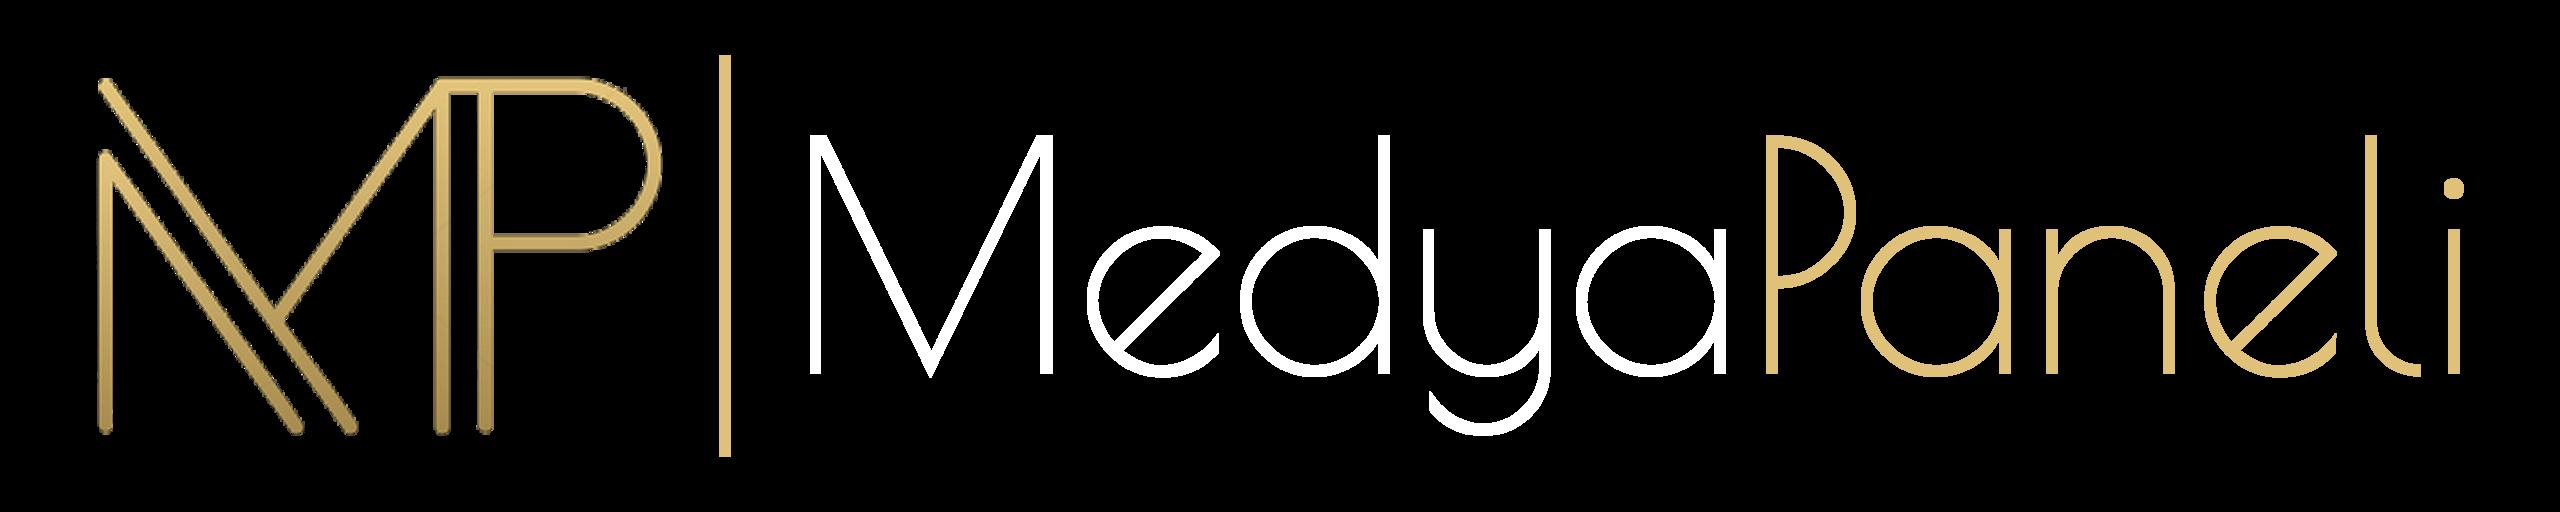 Medya Paneli | Sosyal Medya Bayilik Paneli